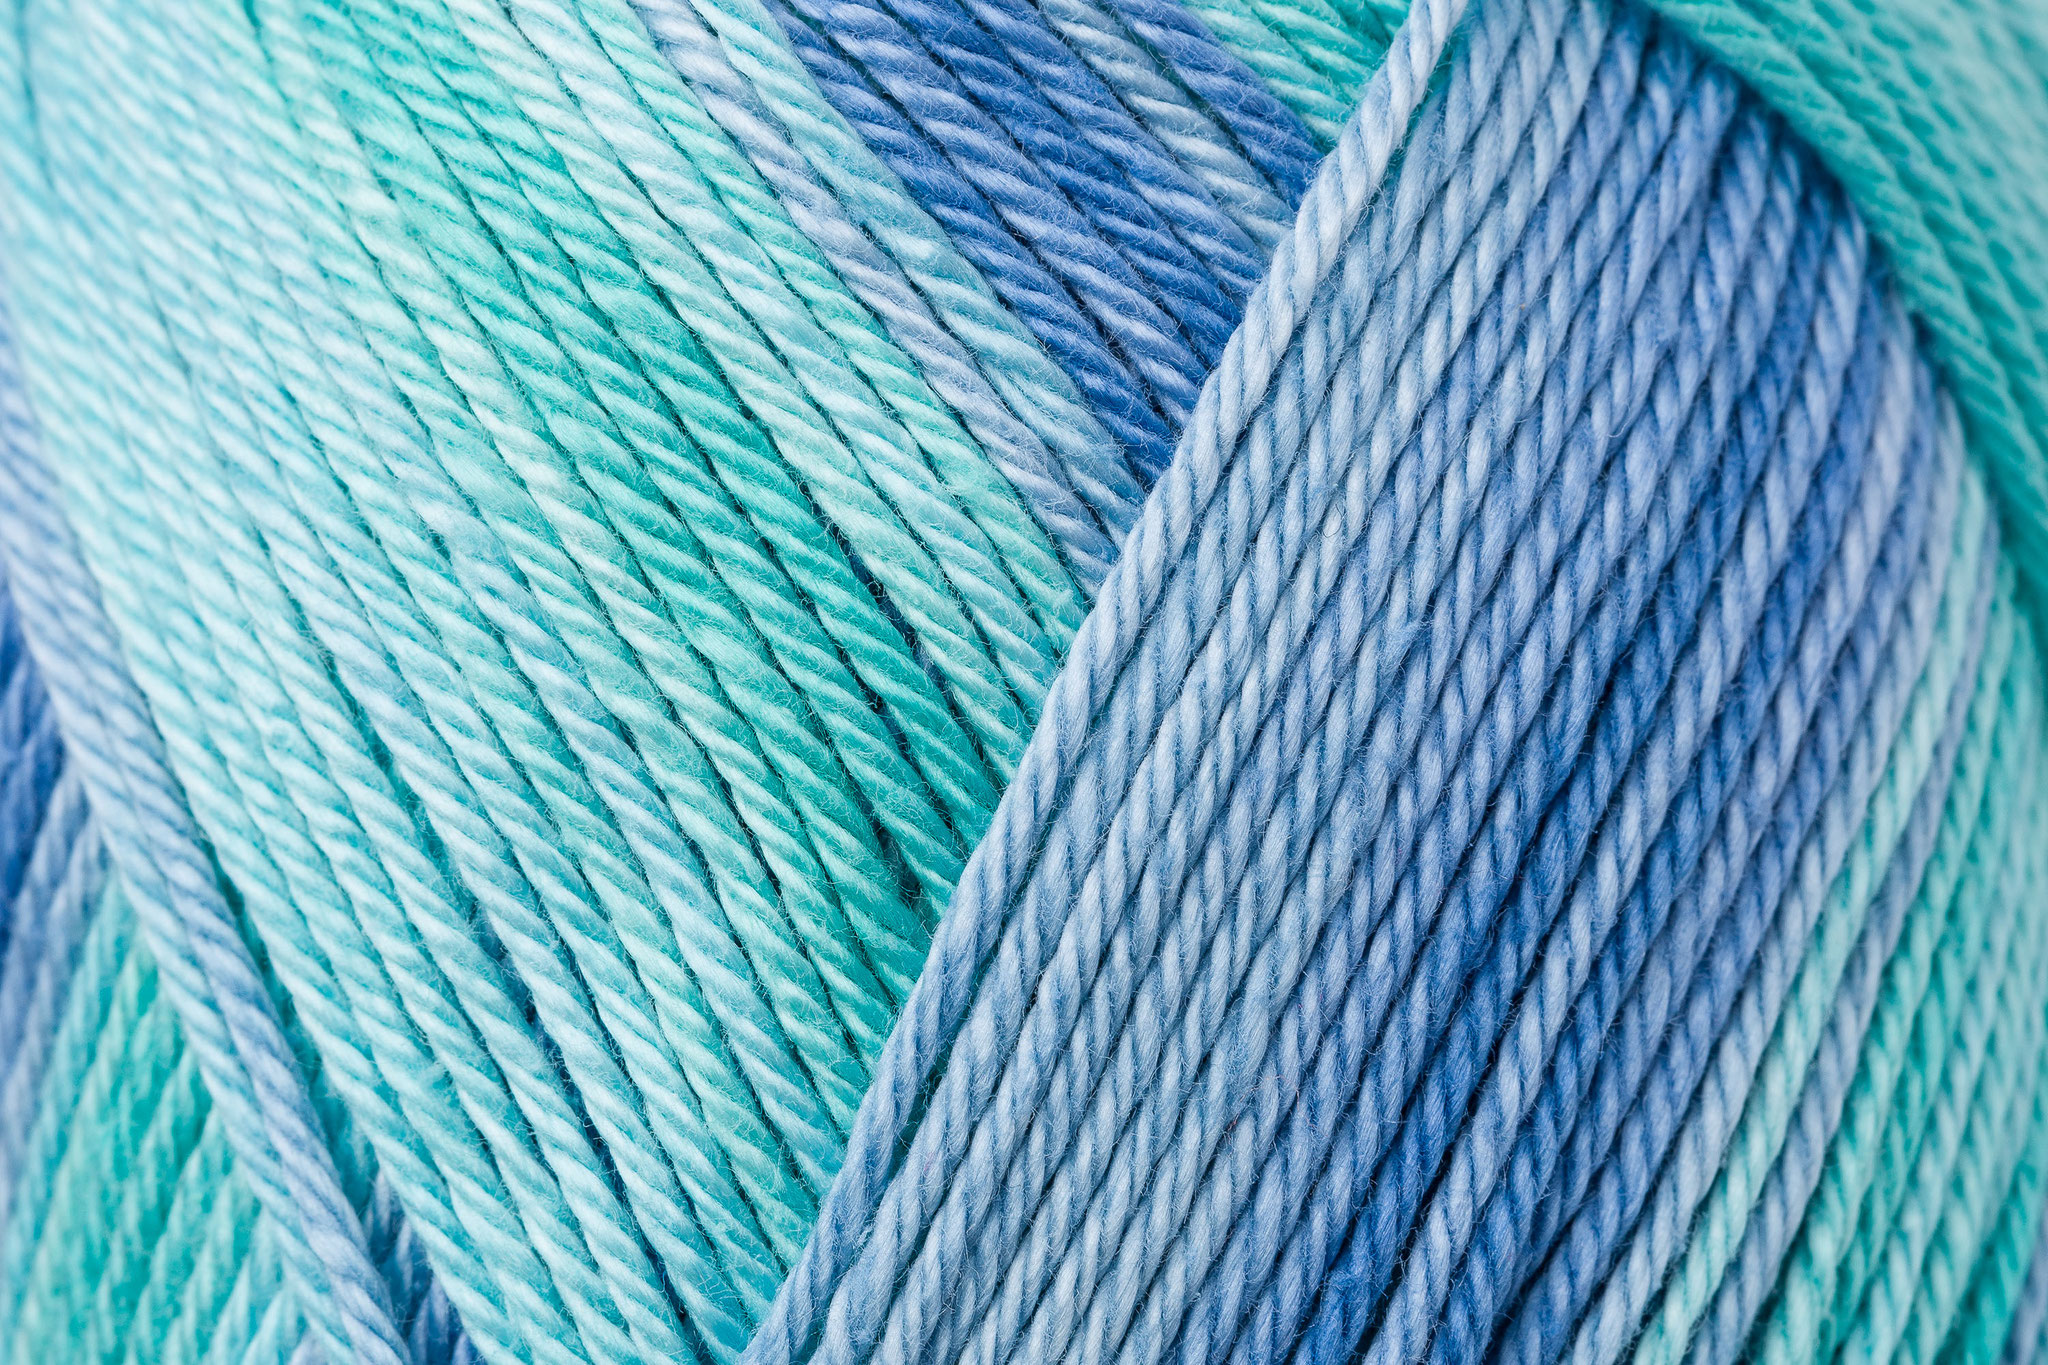 aqua color